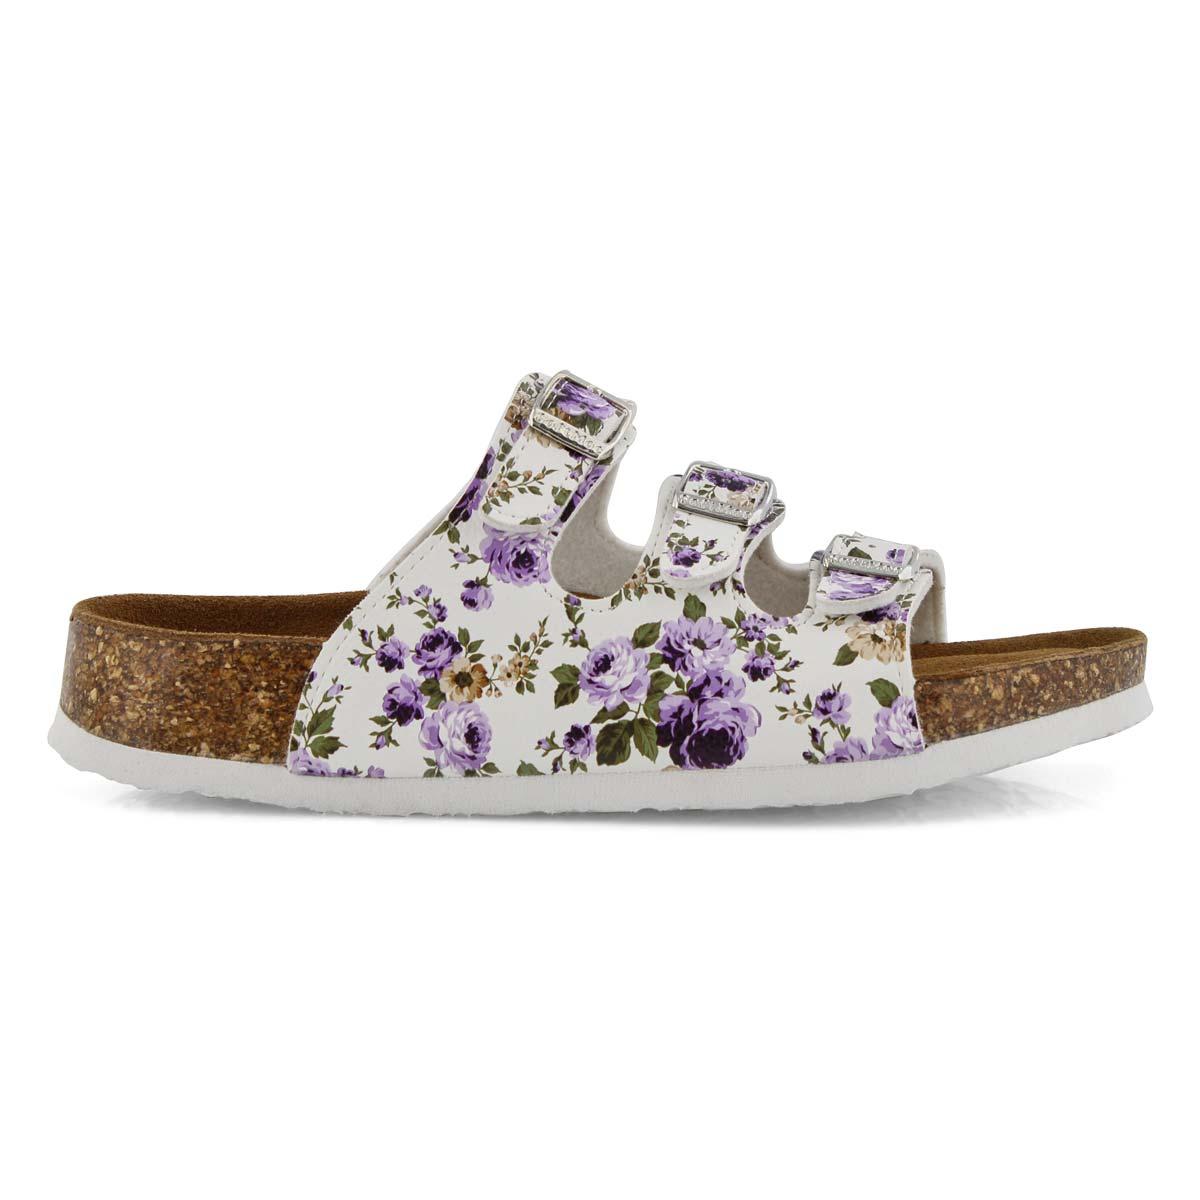 Lds Alexis 5 Flower ppl slide sandal